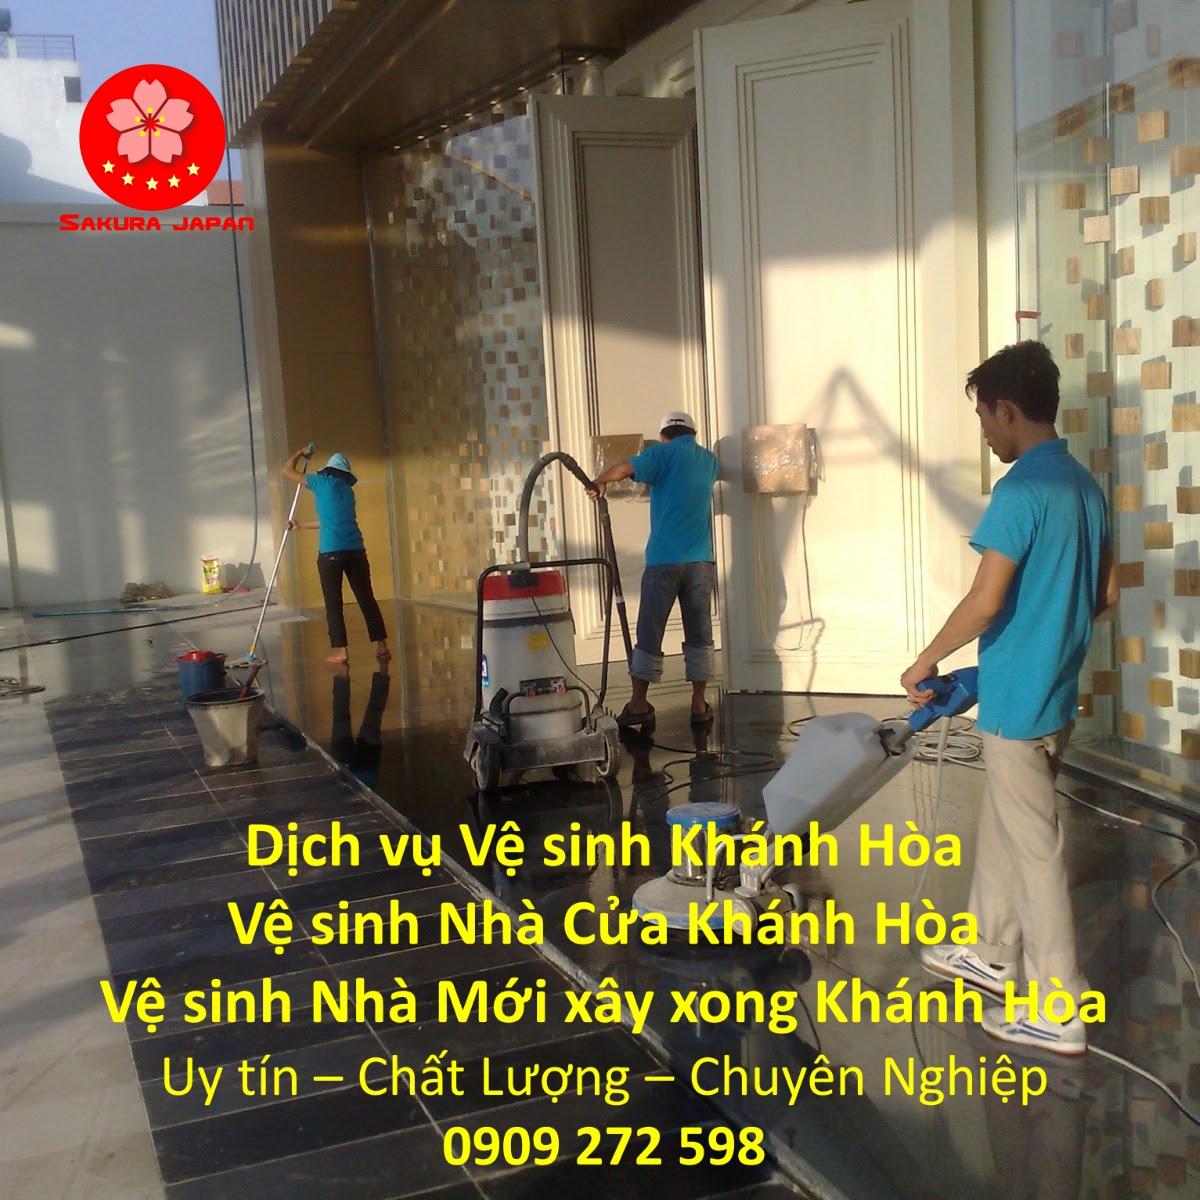 Dịch vụ Vệ Sinh Nhà Ở Khánh Hòa Chuyên Nghiệp Uy Tín